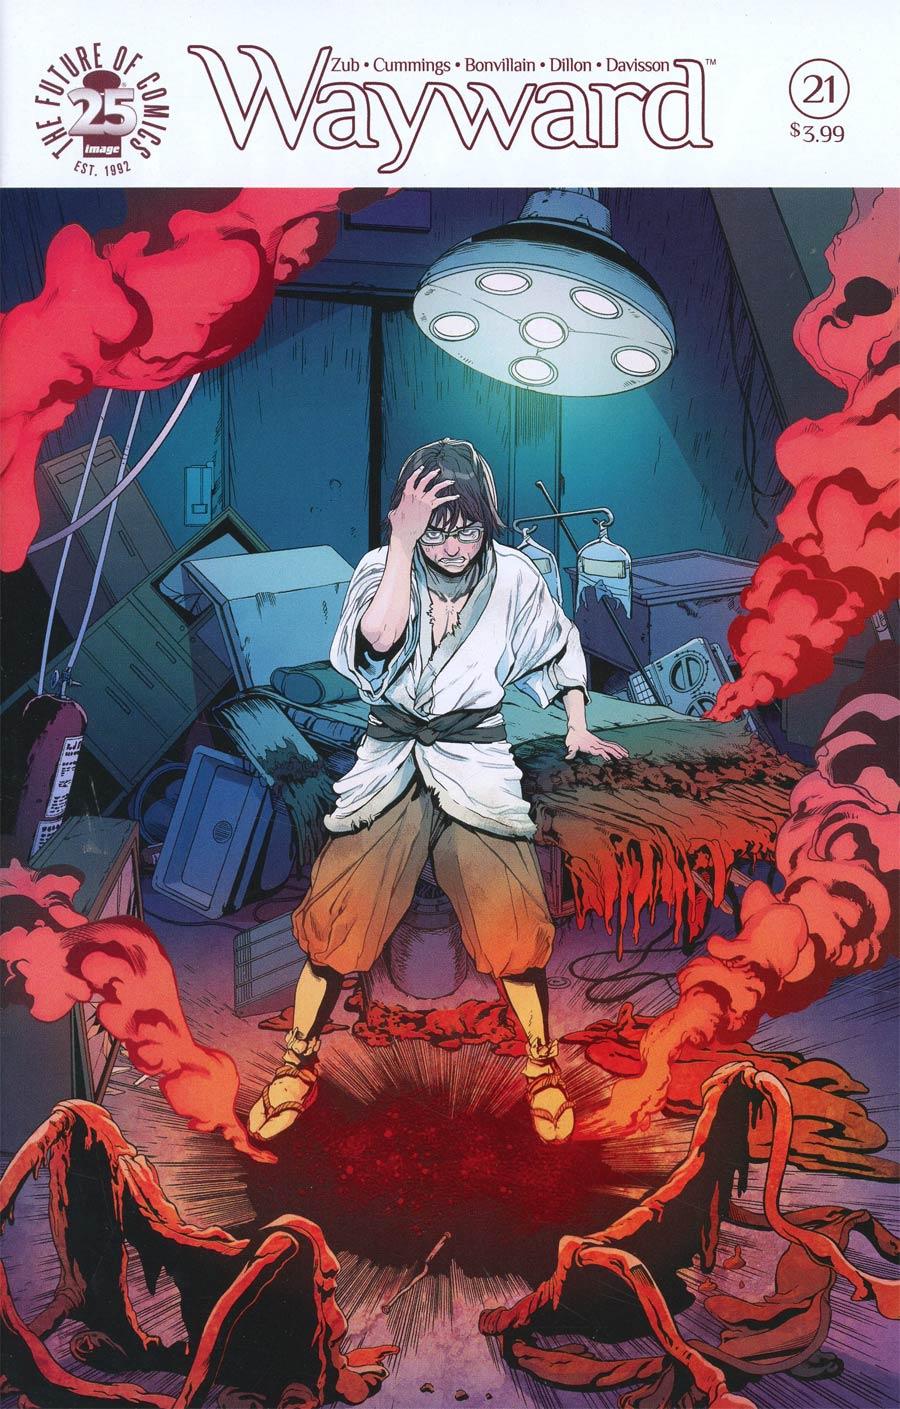 Wayward #21 Cover A Steven Cummings & Tamra Bonvillain